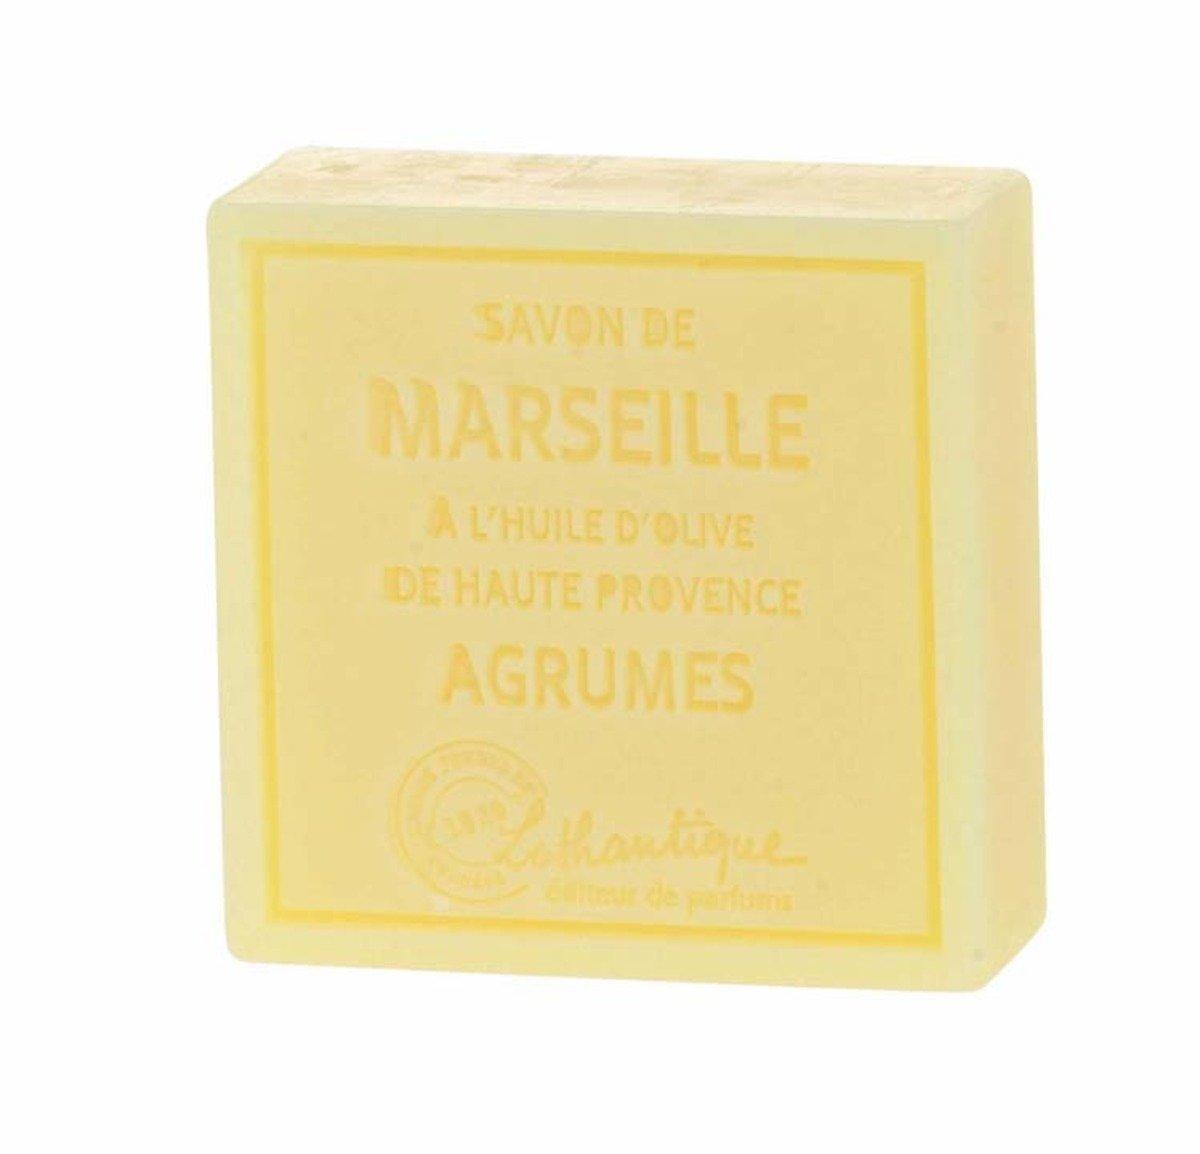 法國馬賽肥皂 - 檸檬柑橘